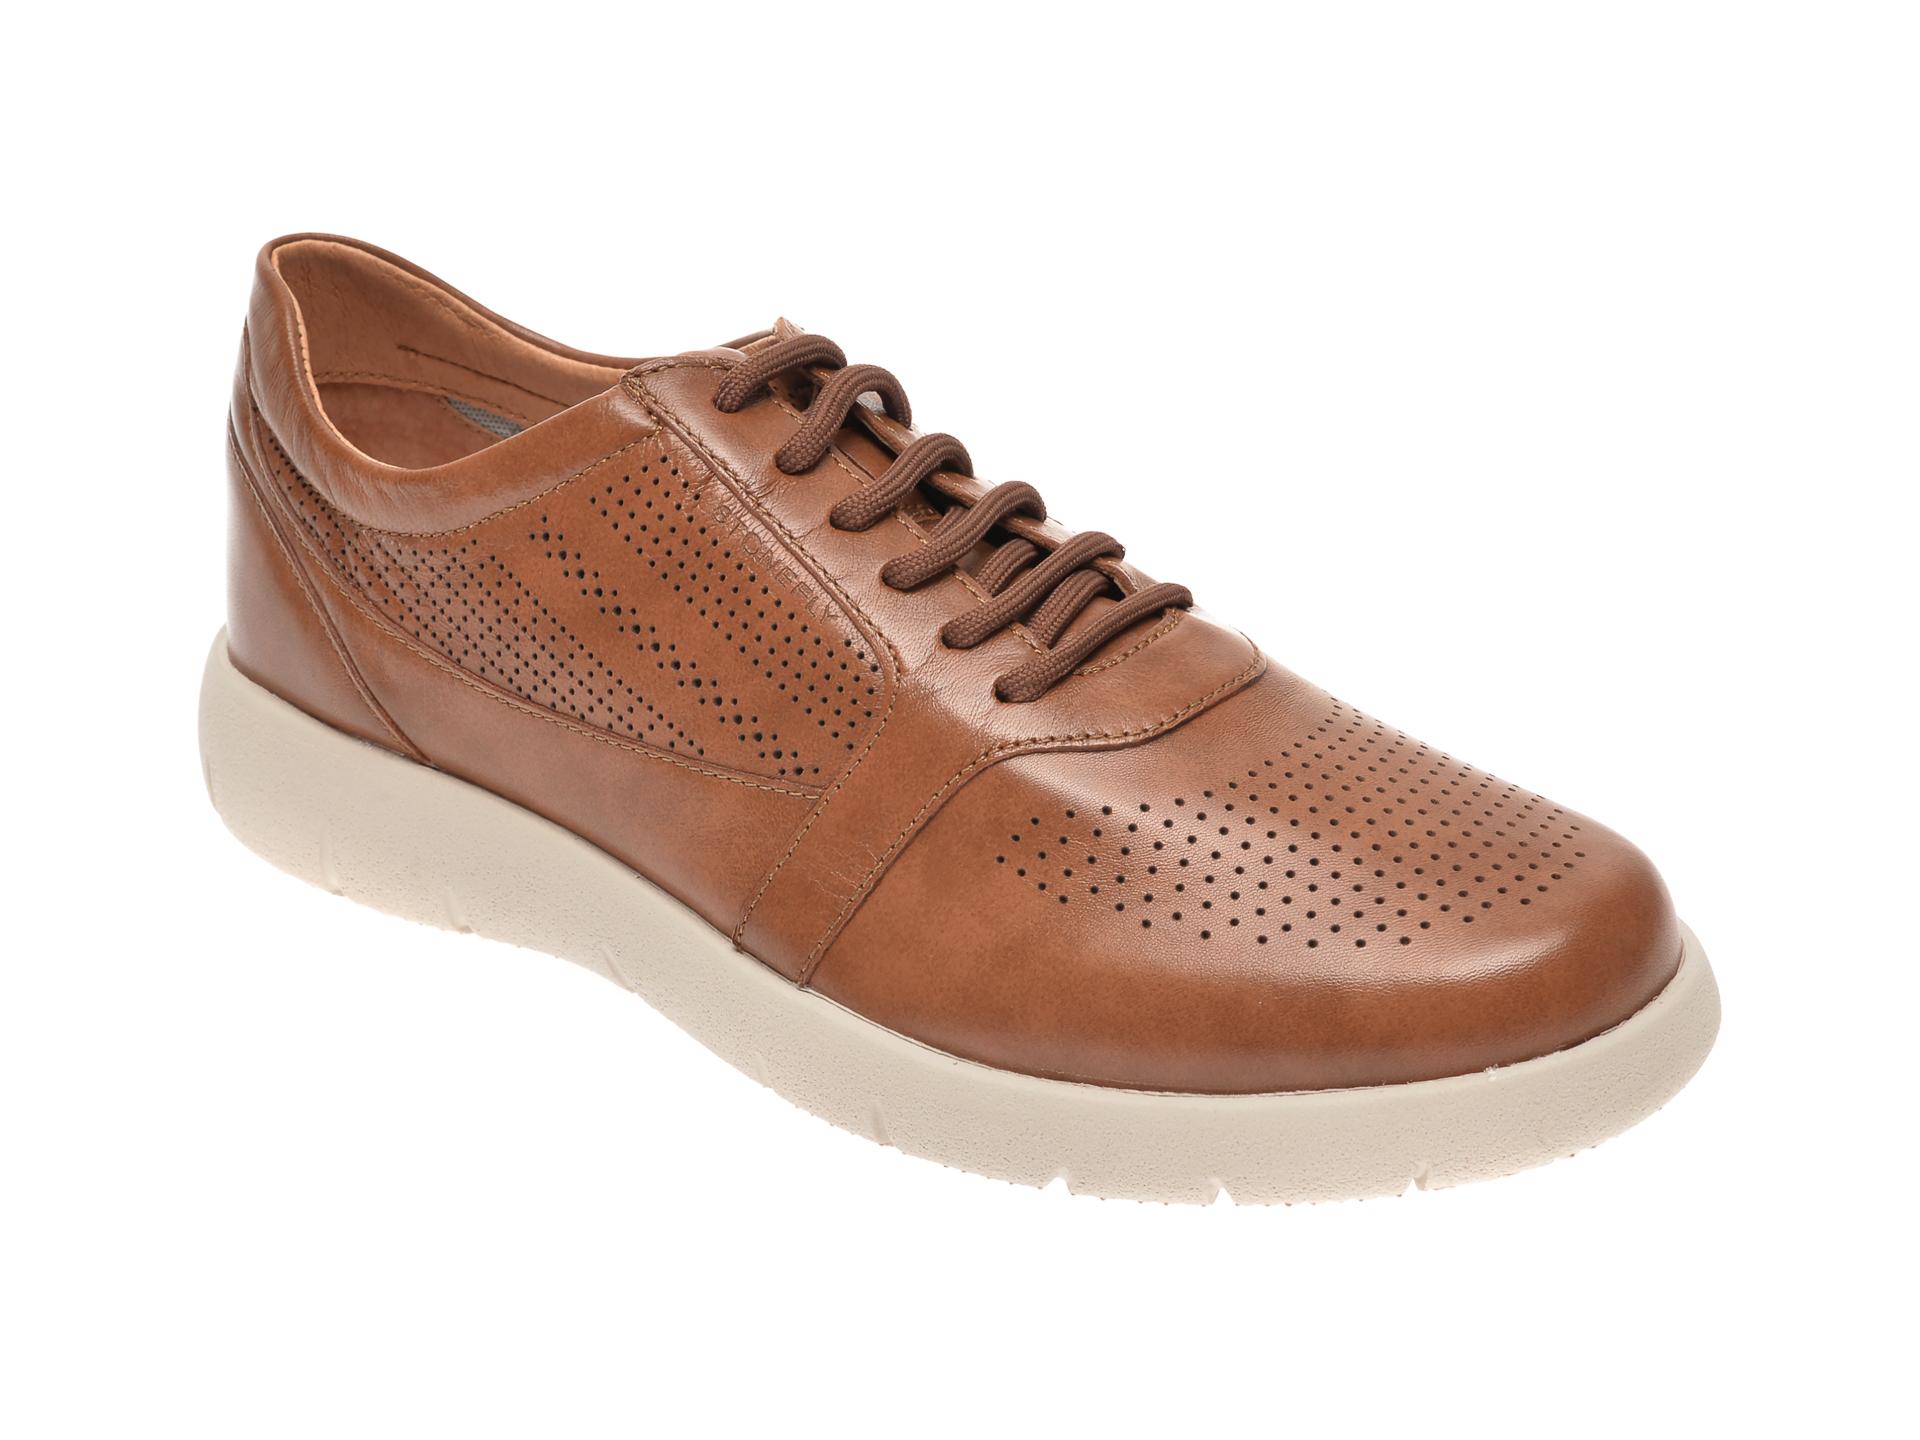 Pantofi Stonefly Maro, Stream5, Din Piele Naturala